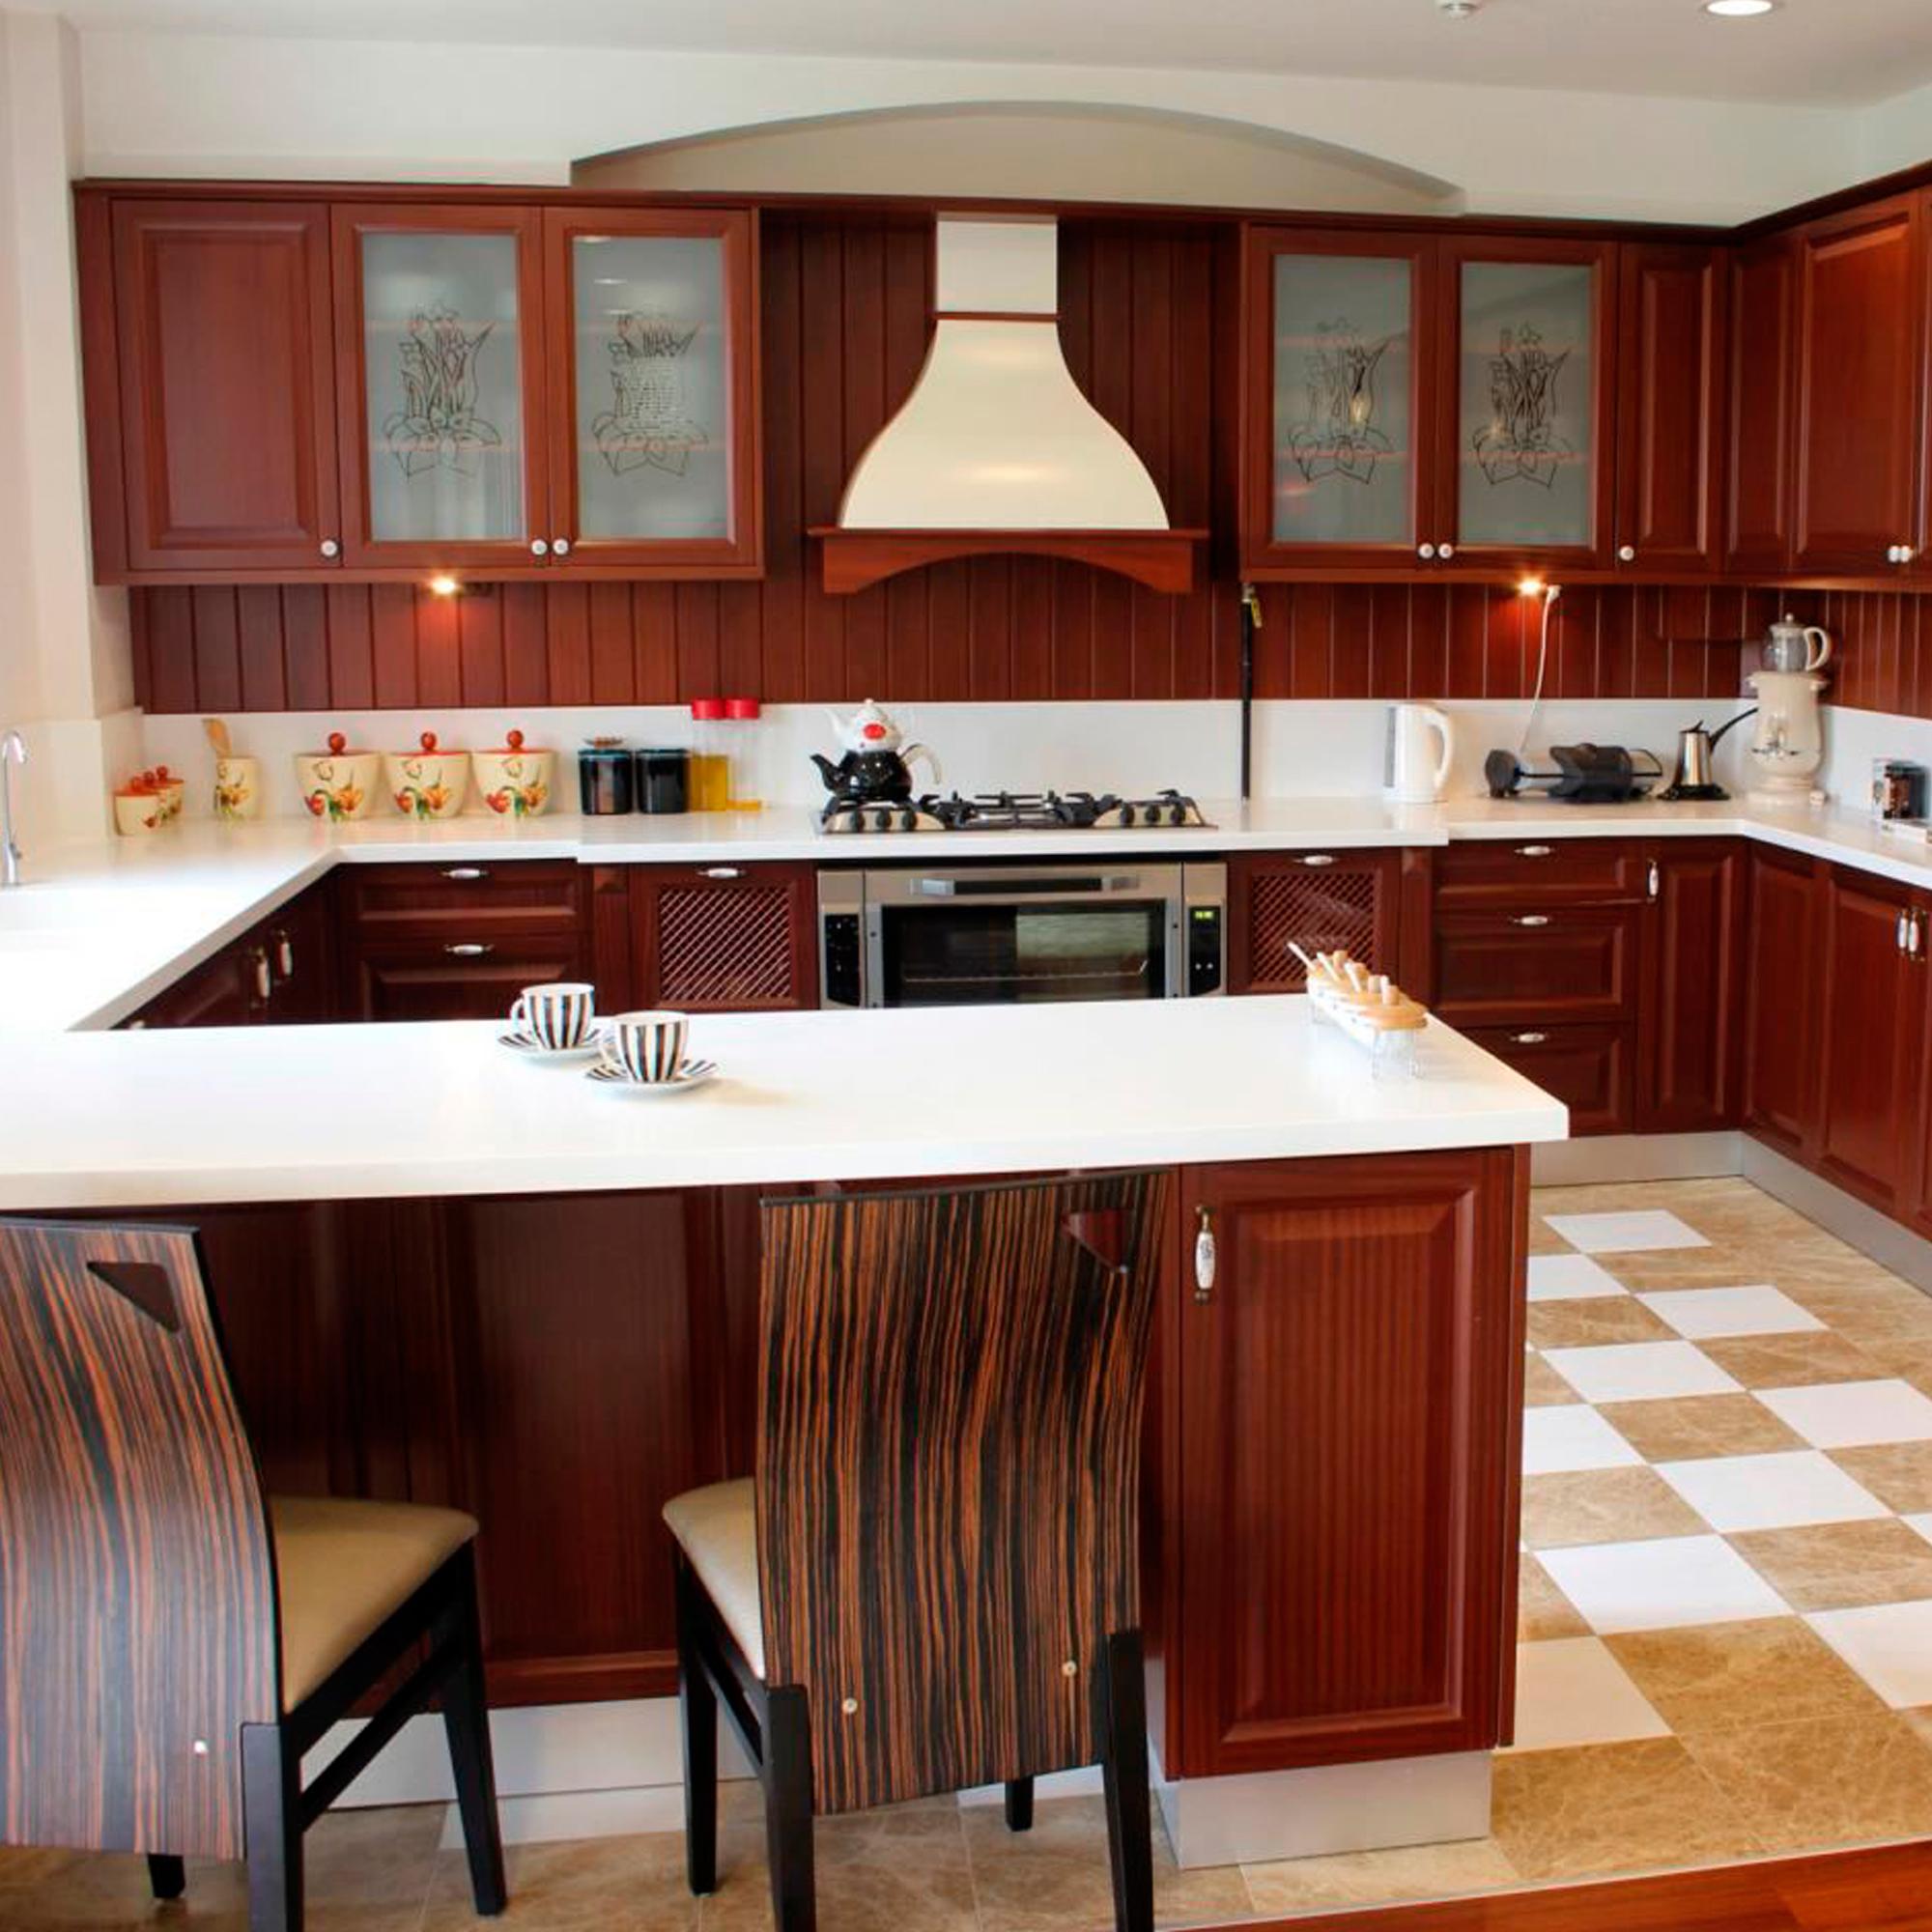 G-образное расположение кухни